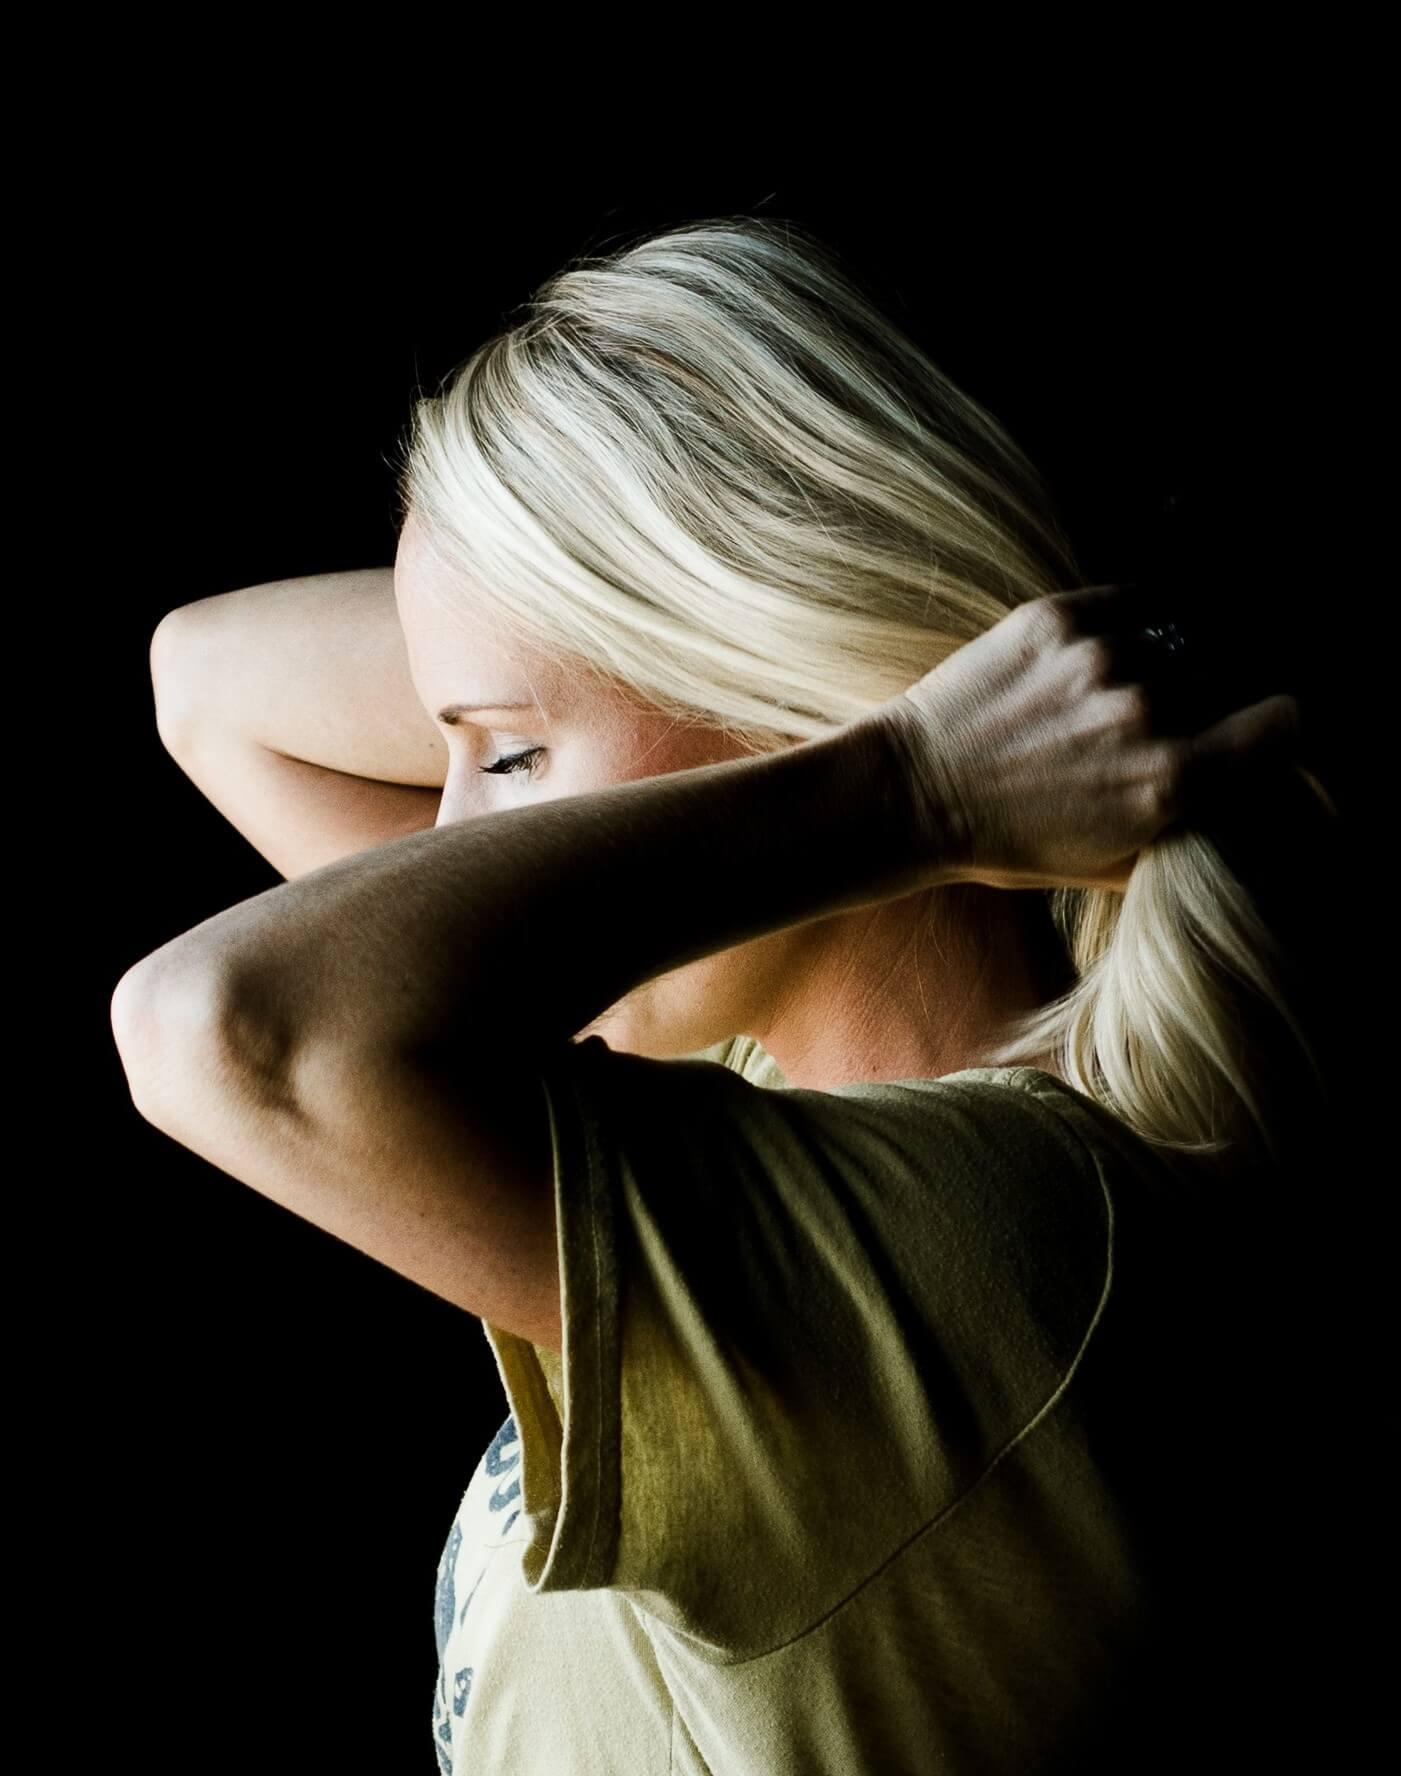 Kobieta zbiera włosy z szyji